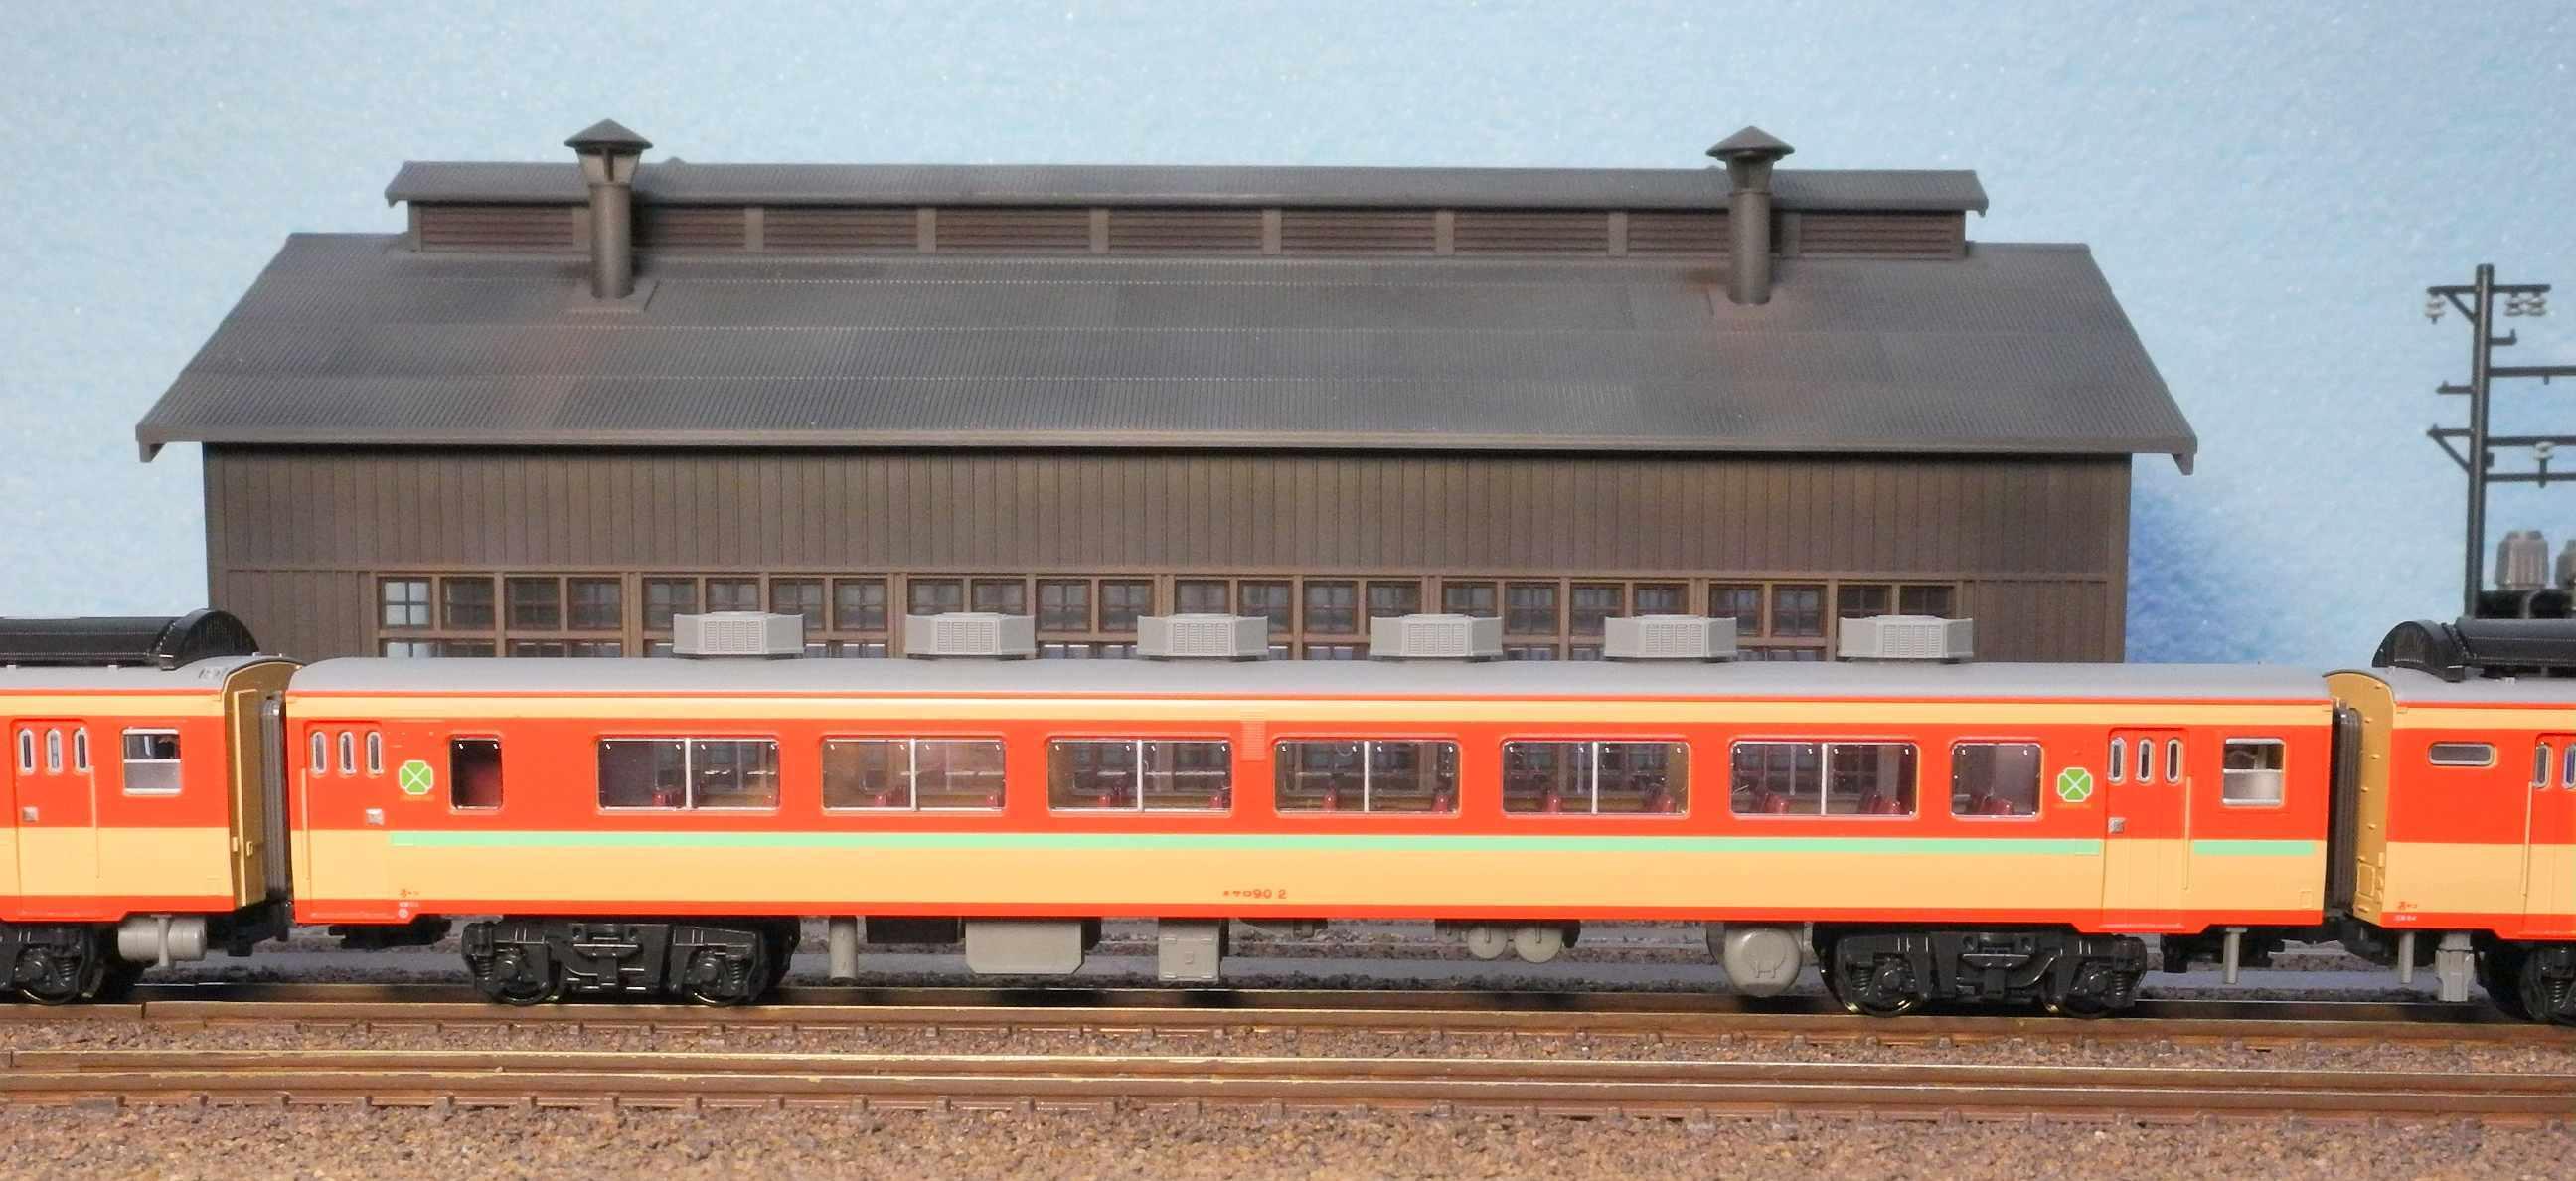 DSCN8776-1.jpg